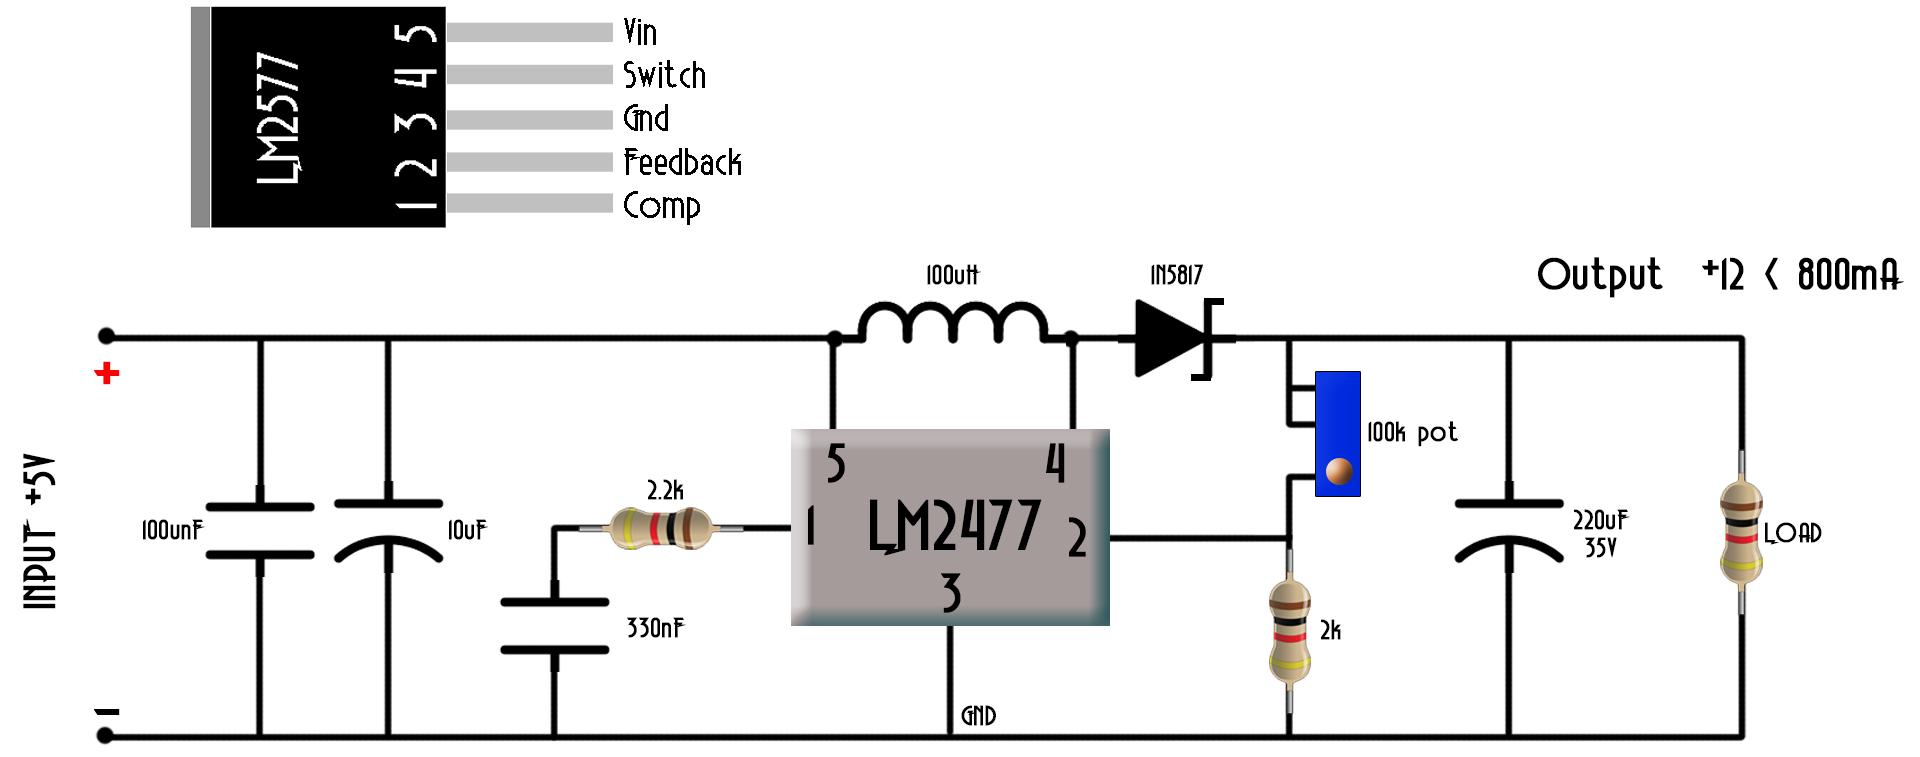 Ac To Dc Converter Block Diagram